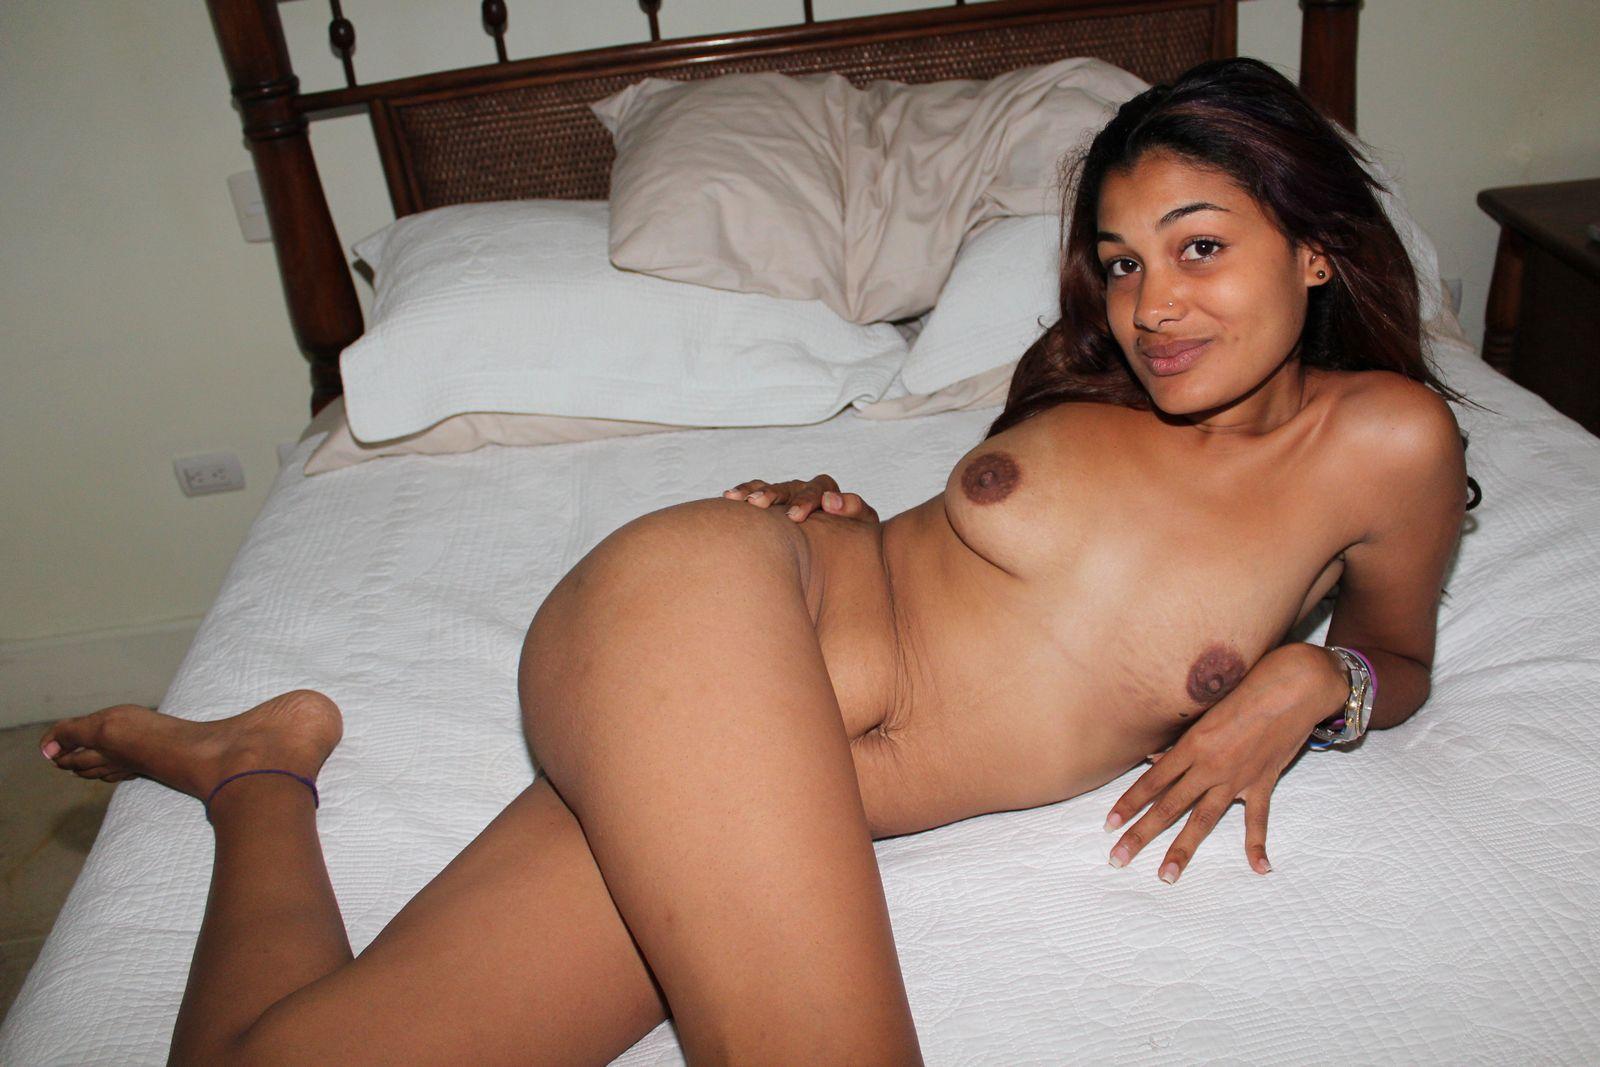 Великолепная обнаженная латинская мамочка в кровати